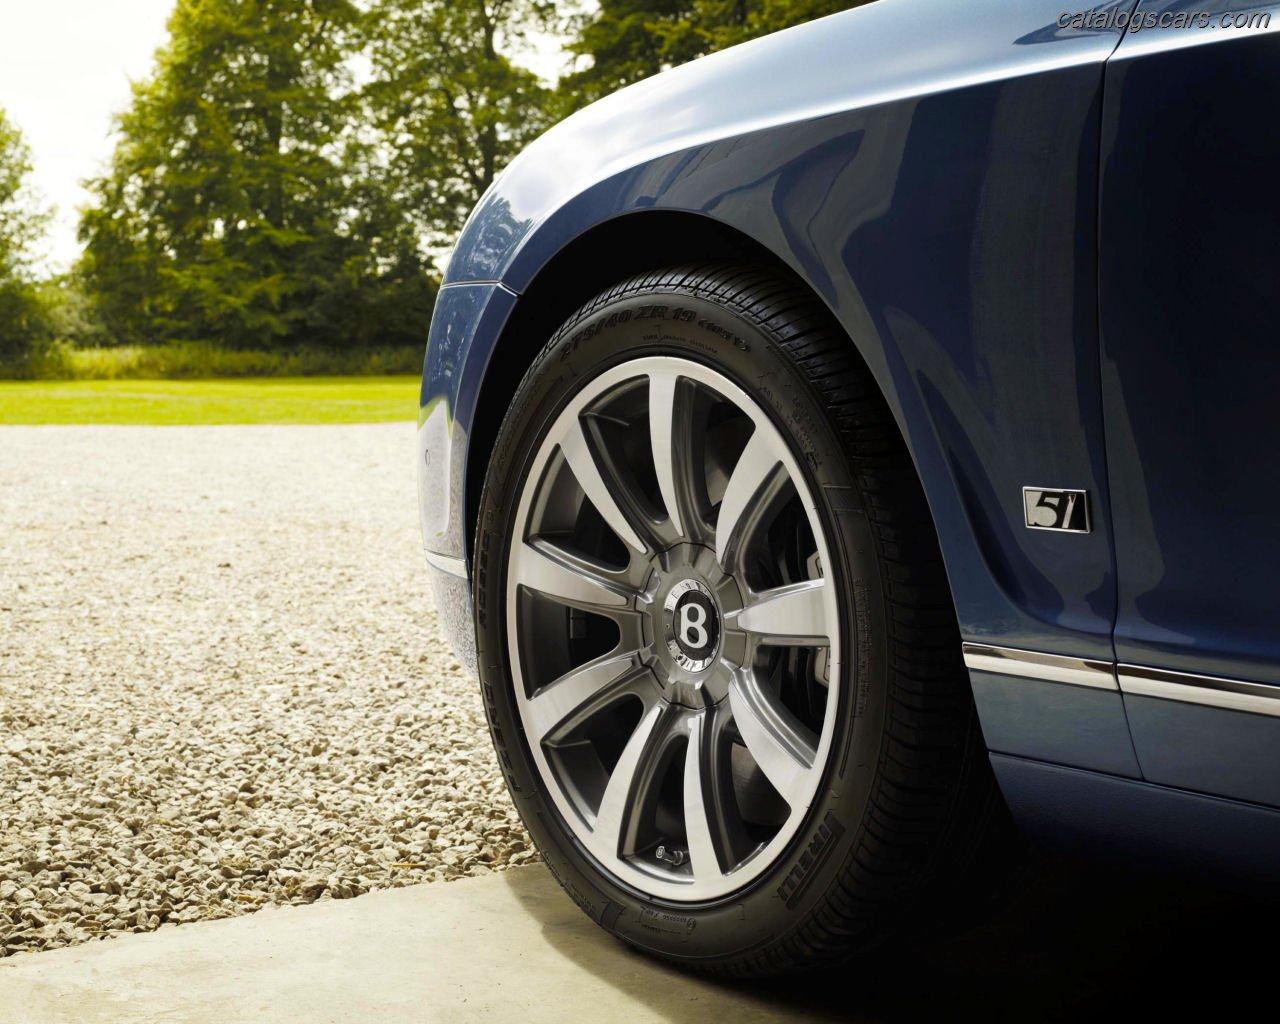 صور سيارة بنتلى كونتيننتال سيريس 51 2014 - اجمل خلفيات صور عربية بنتلى كونتيننتال سيريس 51 2014 - Bentley Continental Series 51 Photos Bentley-Continental-Series-51-2011-05.jpg